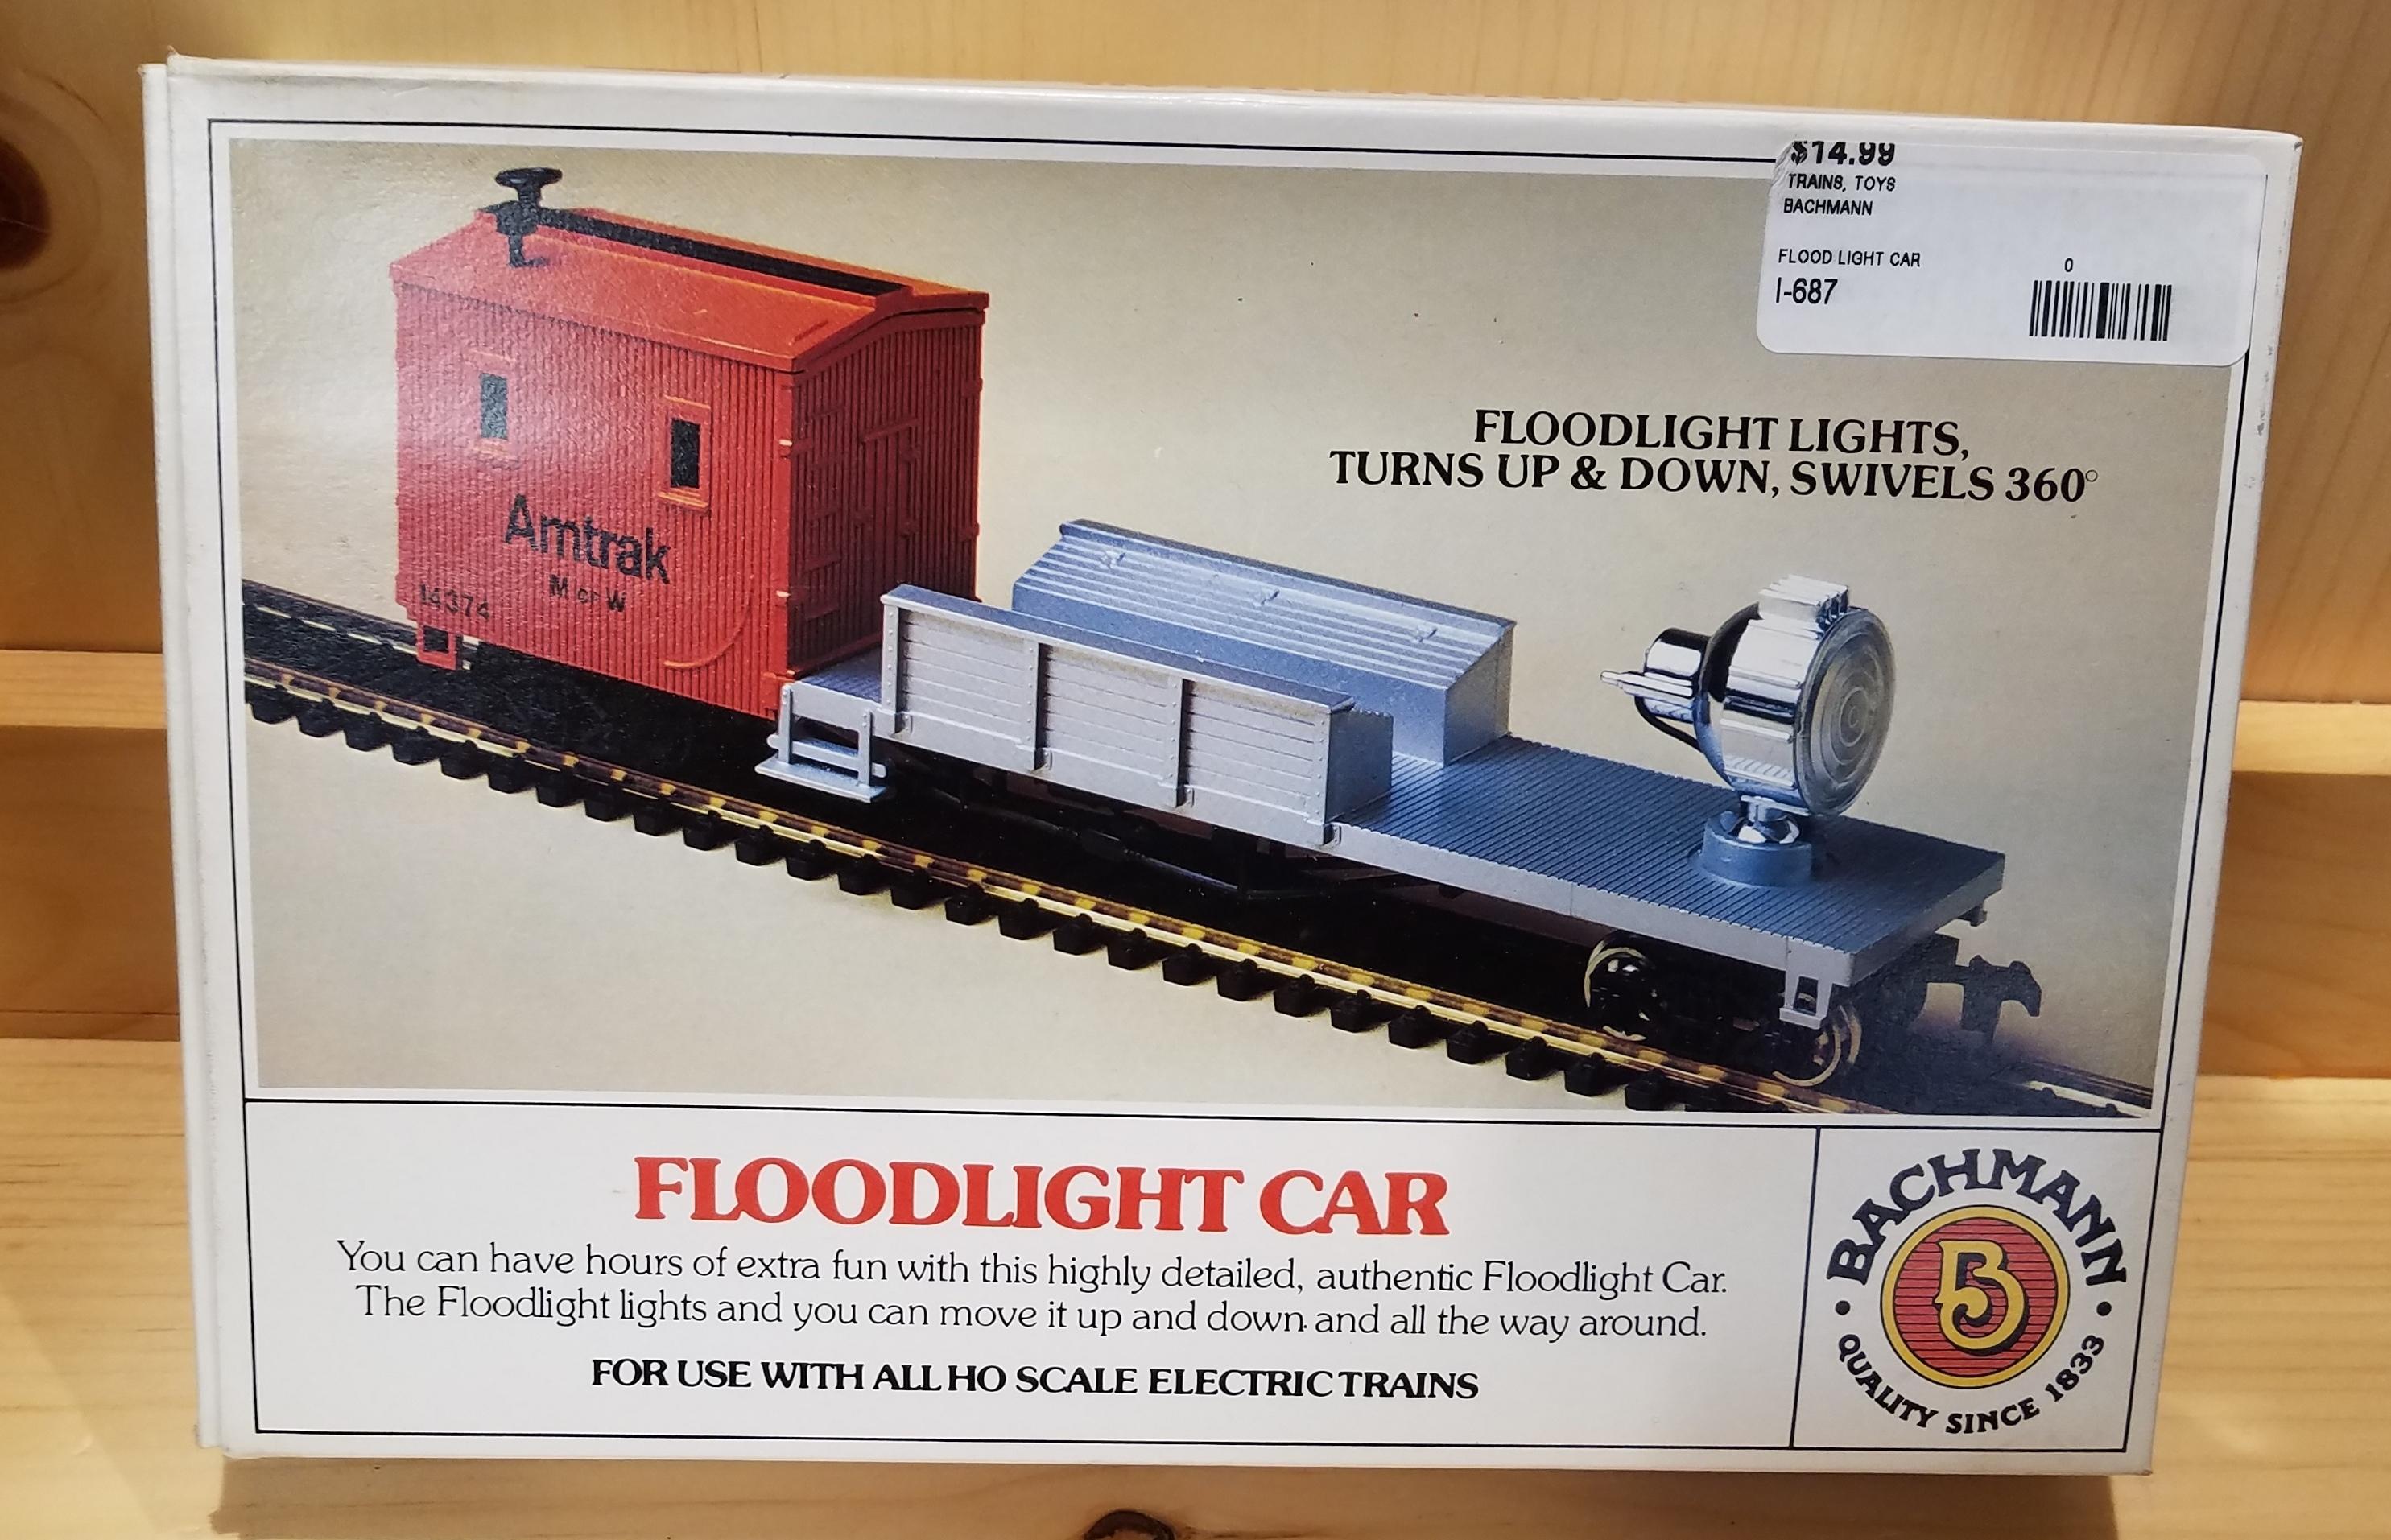 BACHMANN FLOOD LIGHT CAR TRAINS TOYS